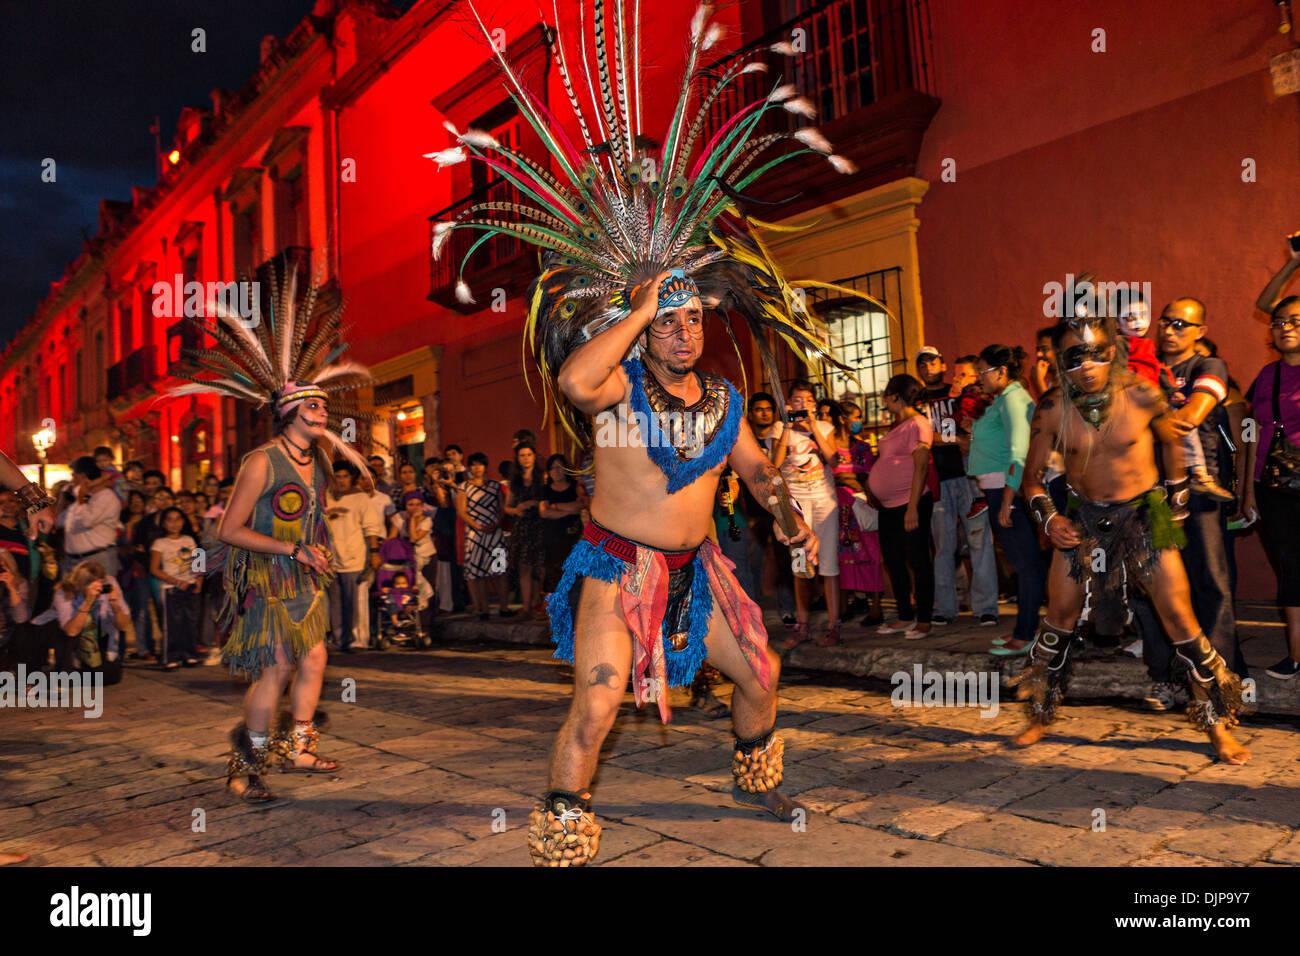 Las murgas de indios mayas celebrando el Día de los muertos el 1 de noviembre de 2013 en Oaxaca, México. Foto de stock